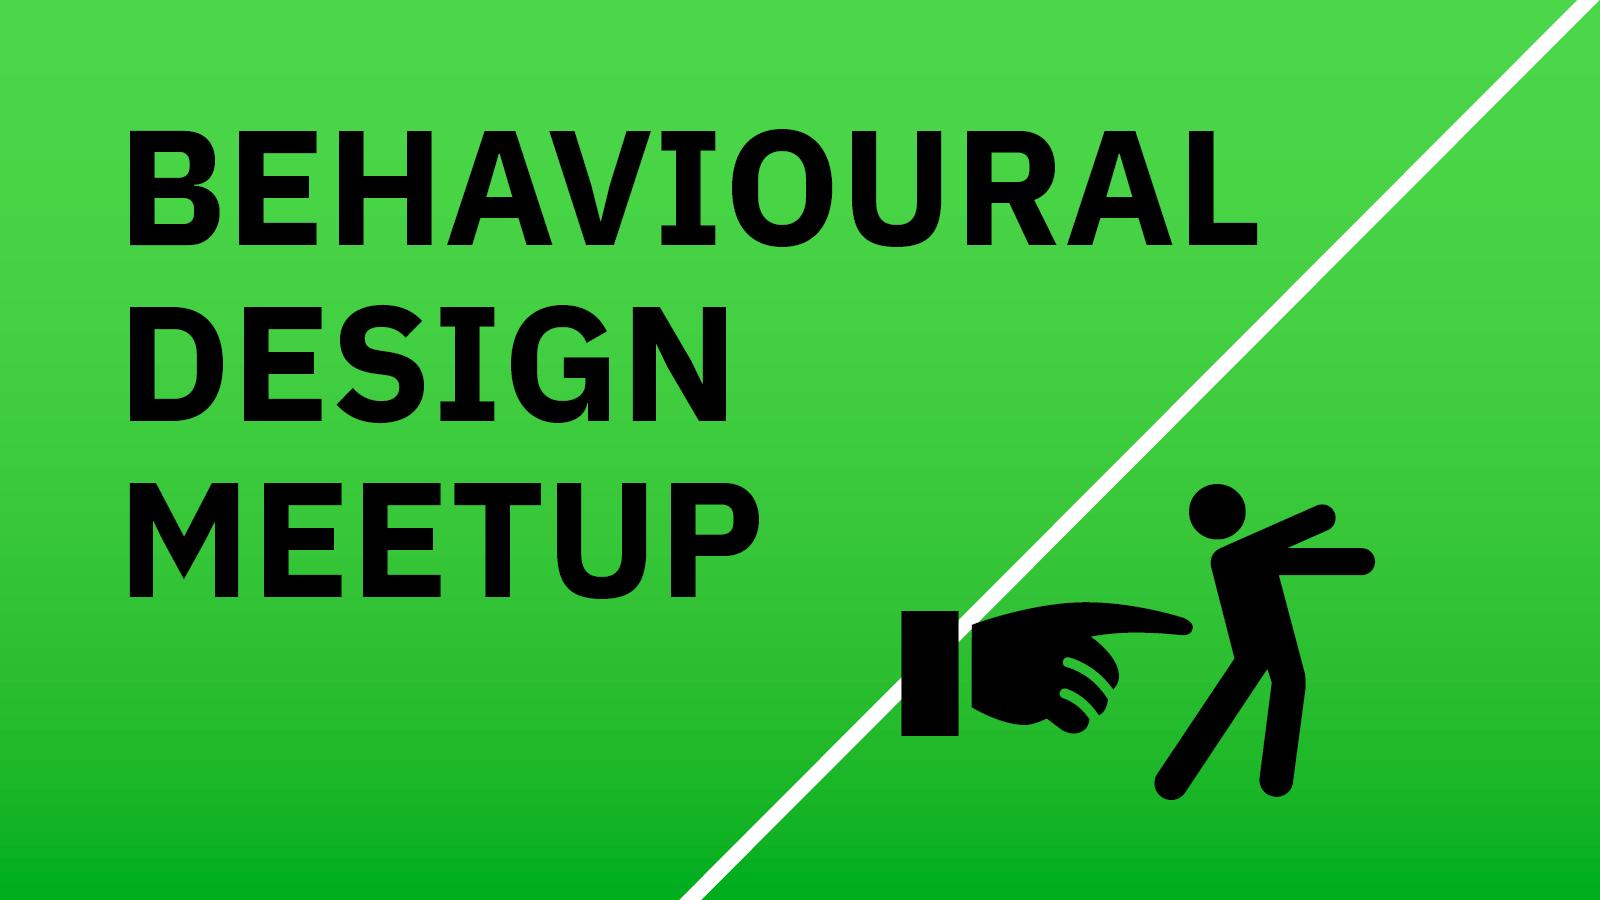 Behavioural Design Meetup